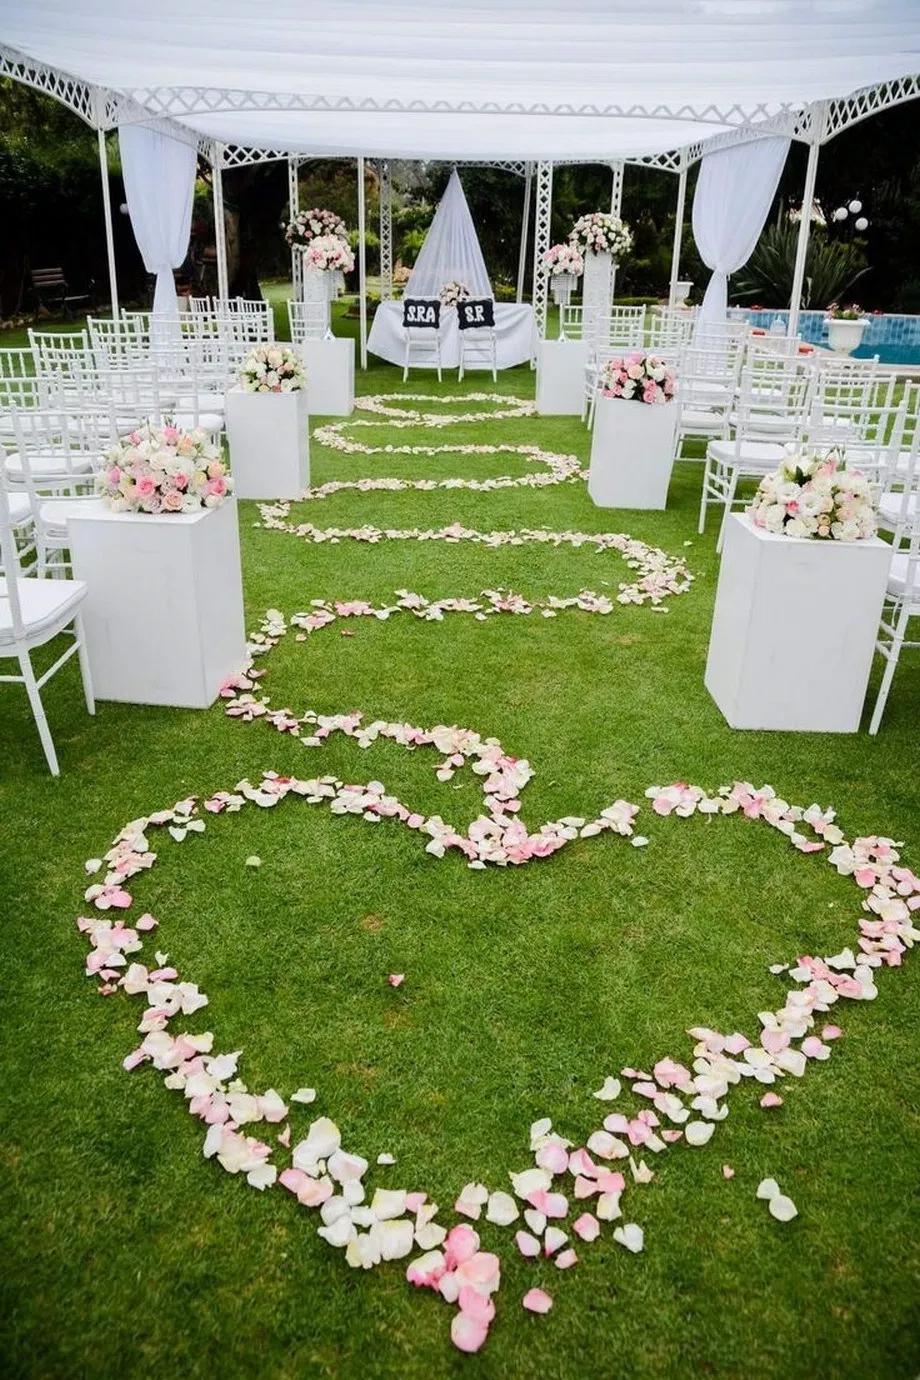 Pin By Miley Seek On Wedding Things In 2020 Outdoor Wedding